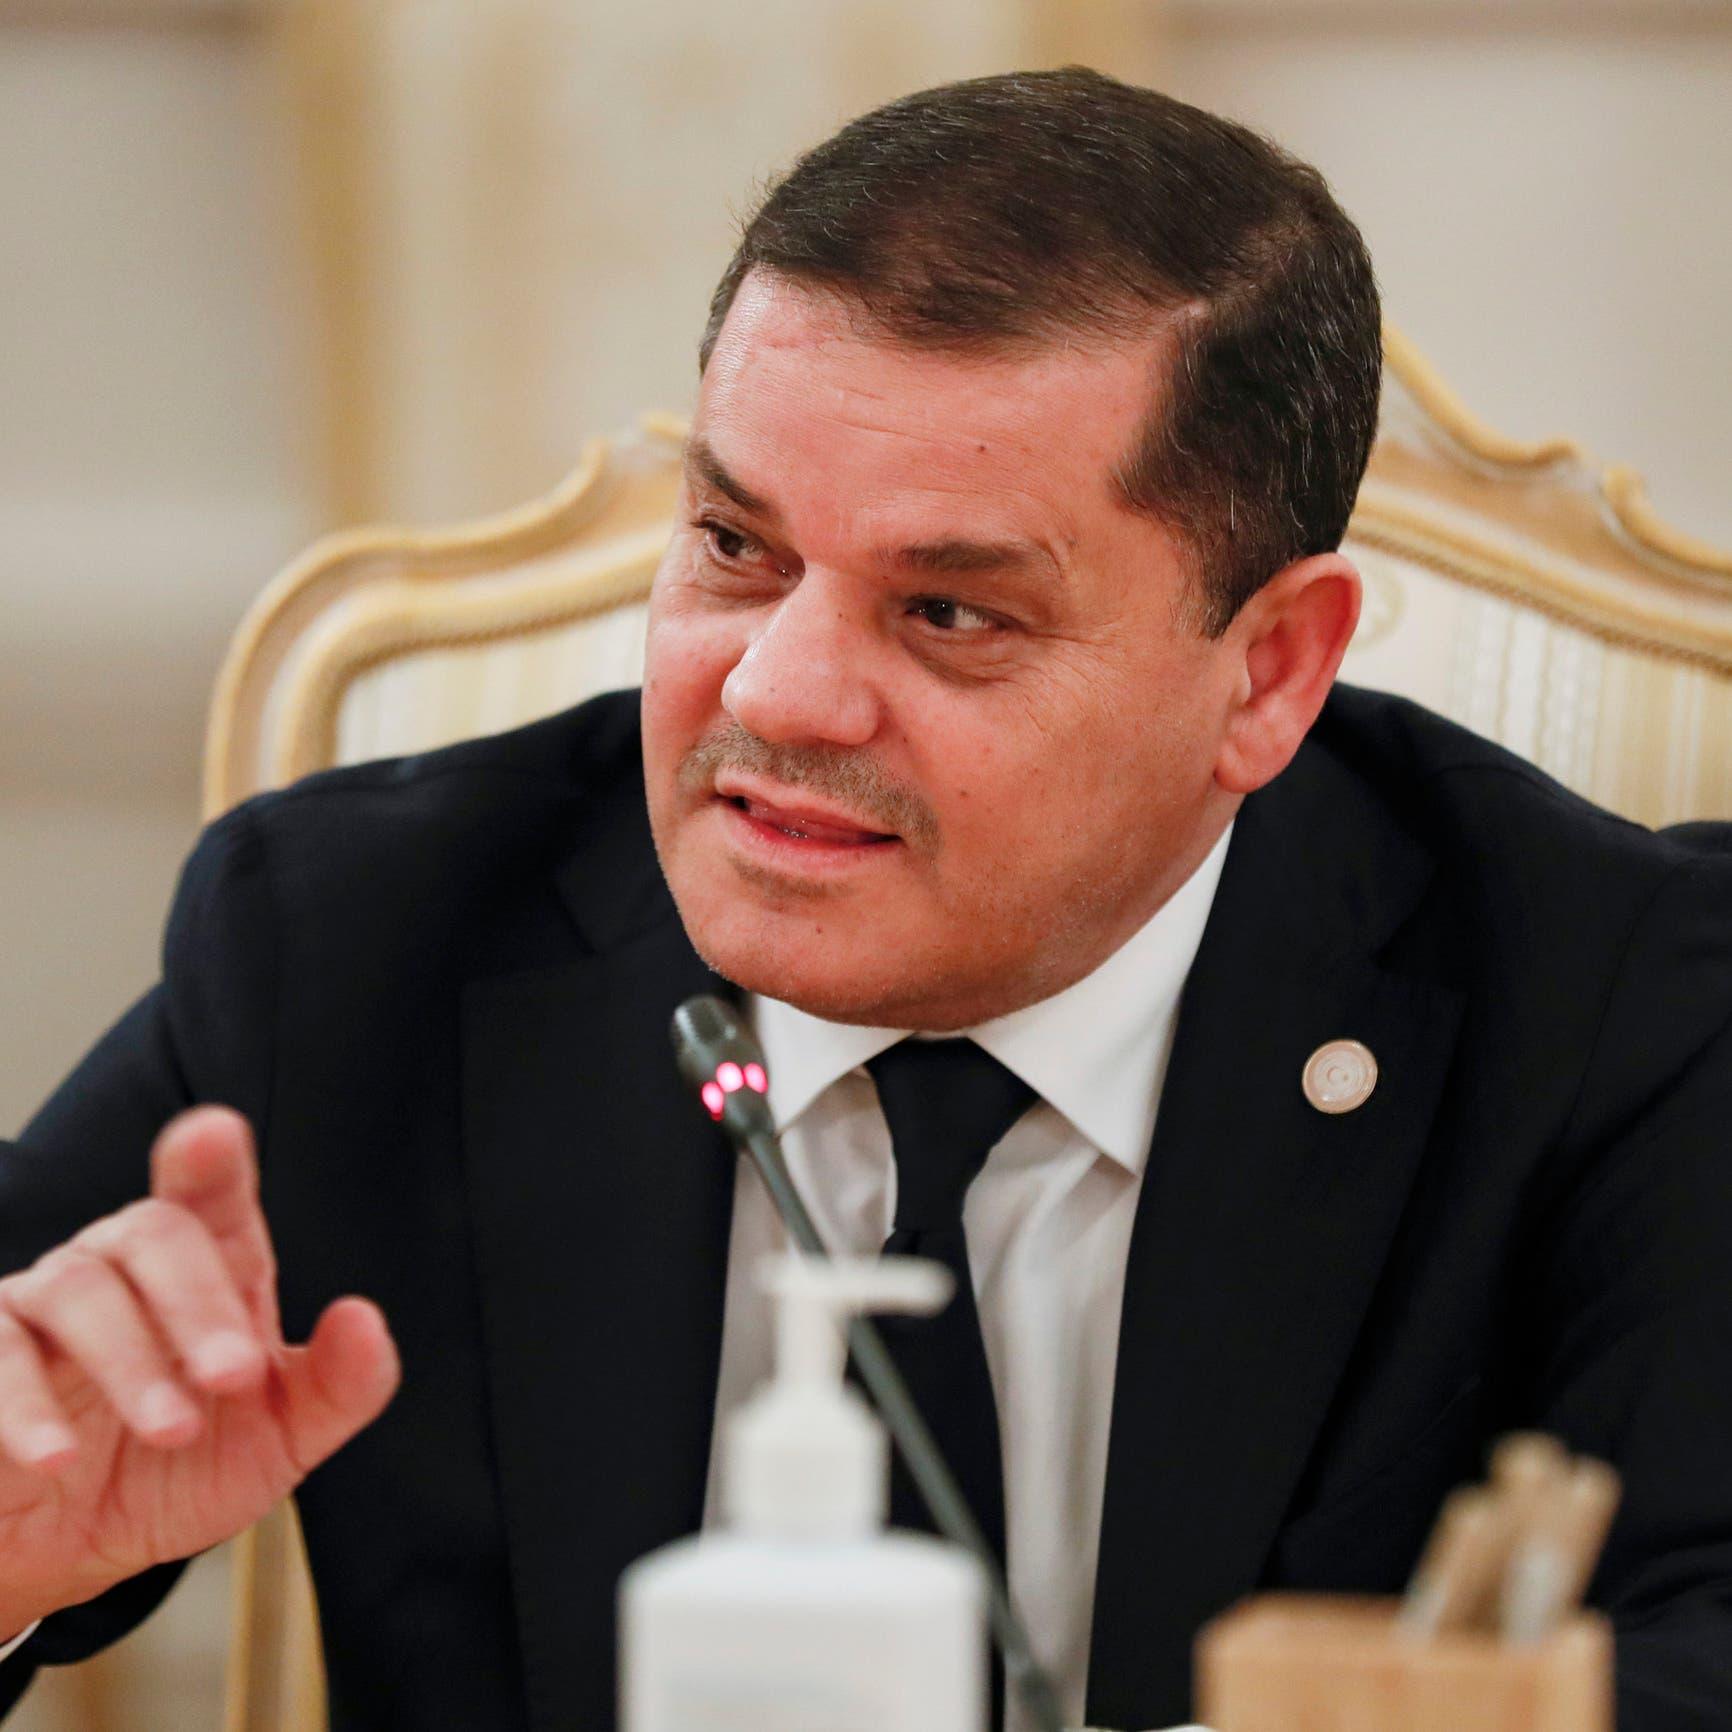 الدبيبة: ضرورة الإسراع بالتحقيق في اشتباكات طرابلس